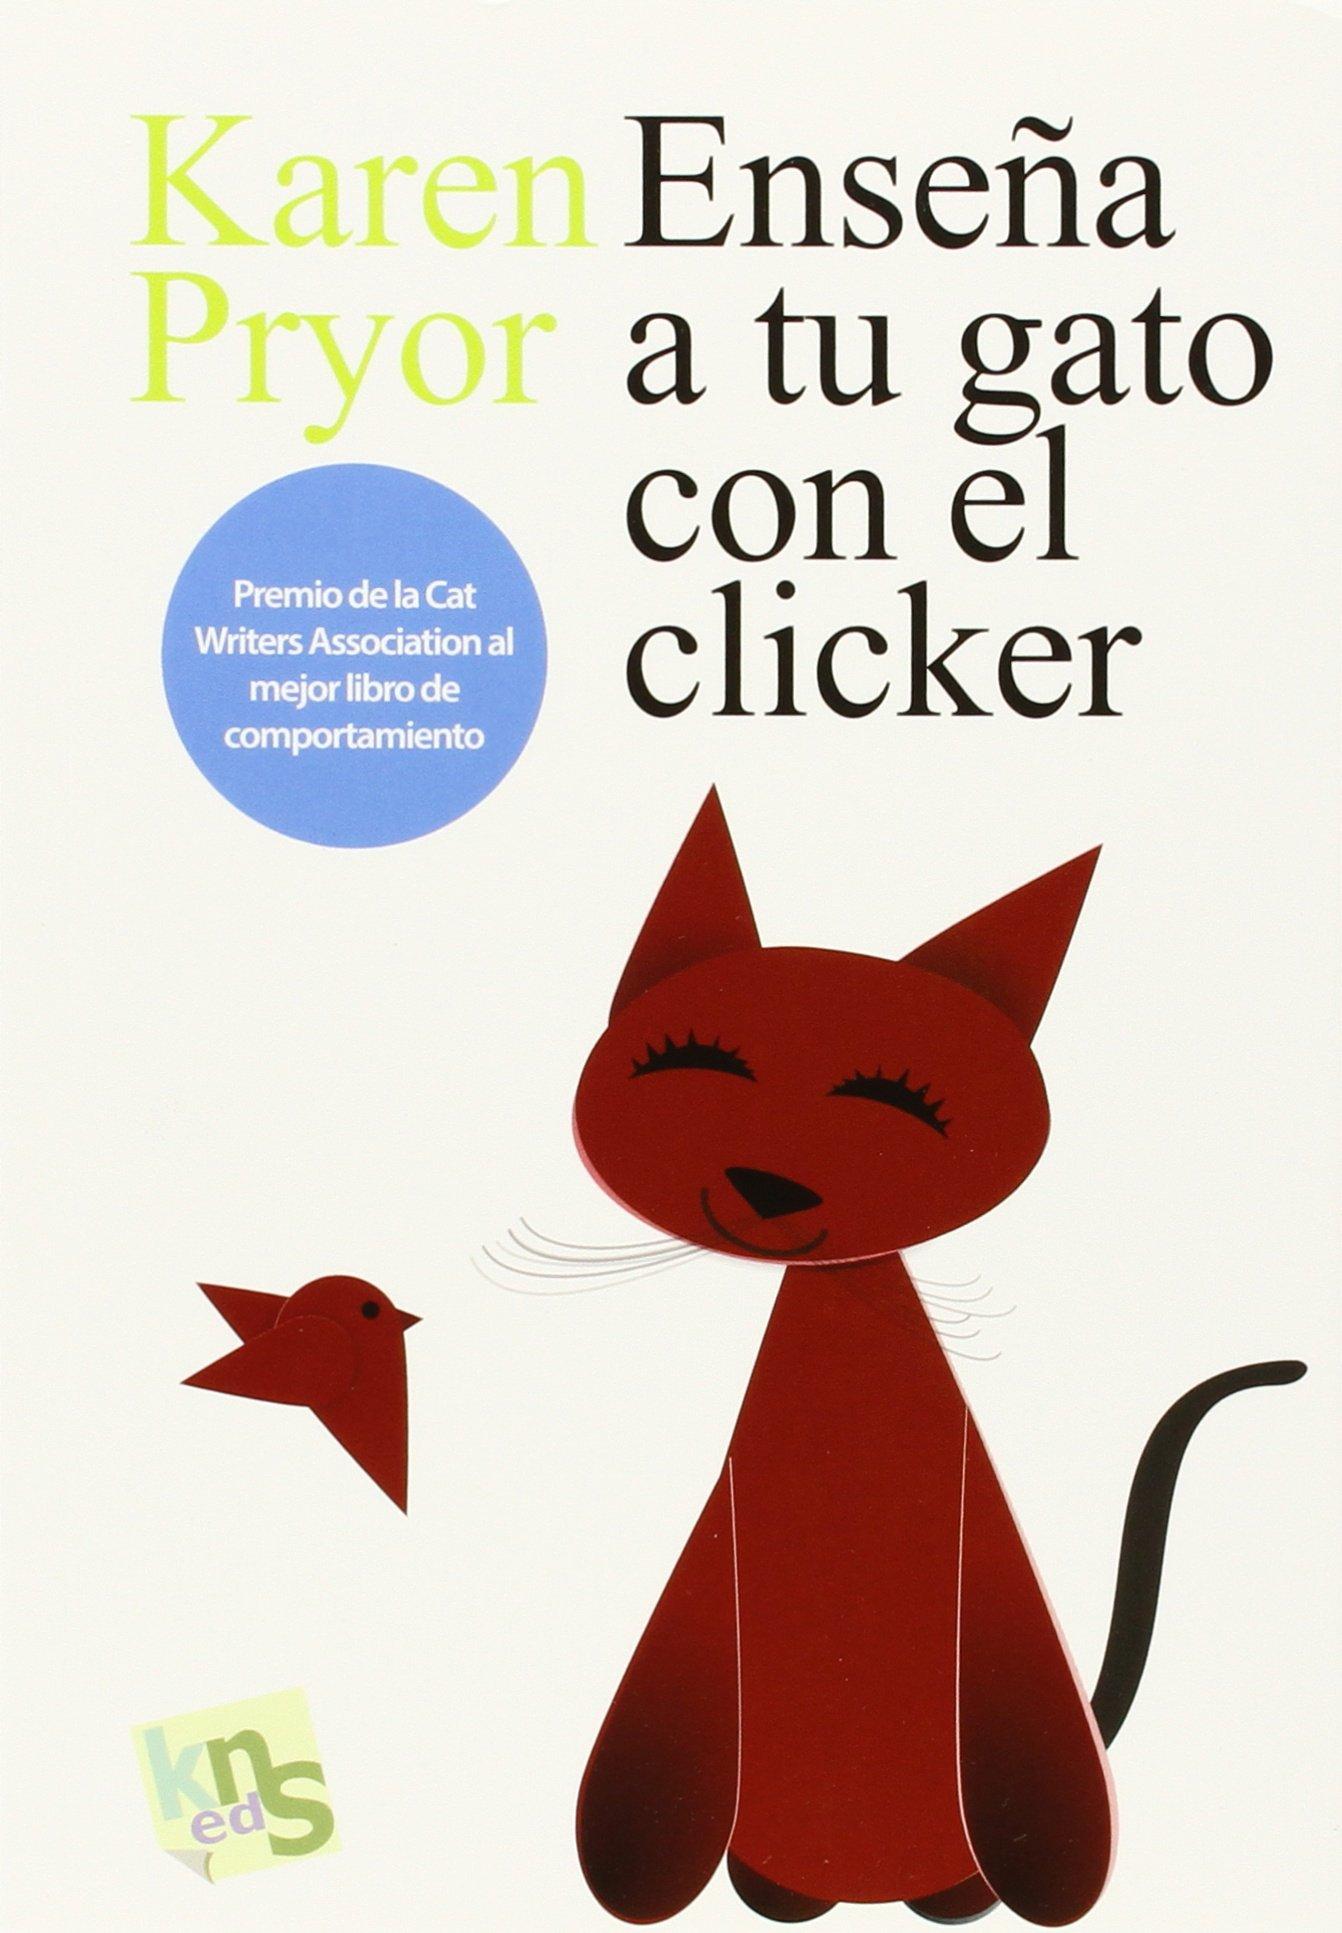 Entrenamiento con clicker para gatos